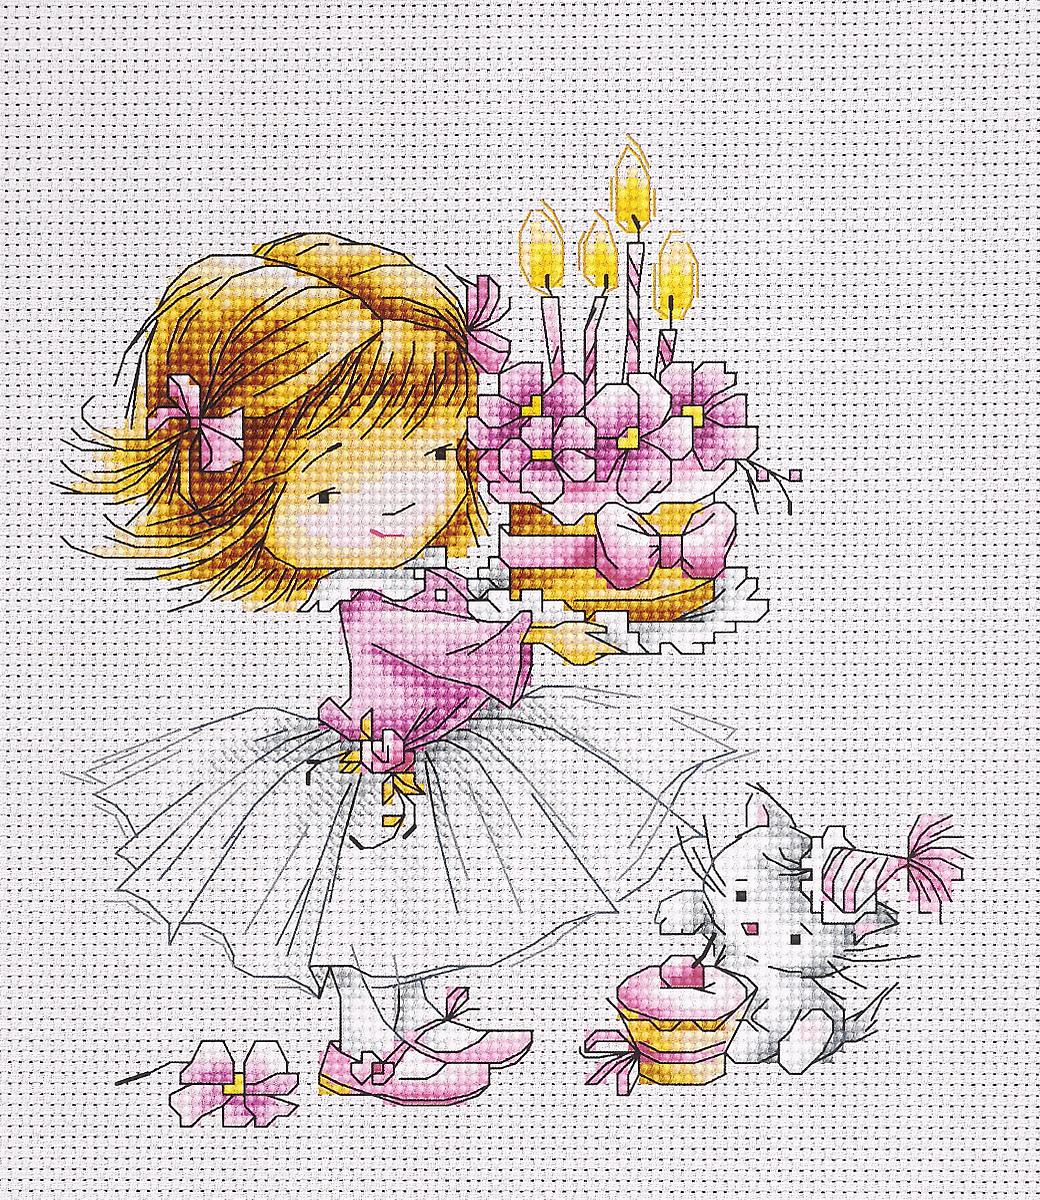 Набор для вышивания крестом Luca-S Девочка с котенком и тортиком, 13,5 х 14,5 смB1054Набор для вышивания крестом Luca-S Девочка с котёнком и тортиком поможет создать красивую вышитую картину. Рисунок-вышивка, выполненный на канве, выглядит стильно и модно. Вышивание отвлечет вас от повседневных забот и превратится в увлекательное занятие! Работа, сделанная своими руками, не только украсит интерьер дома, придав ему уют и оригинальность, но и будет отличным подарком для друзей и близких! Набор содержит все необходимые материалы для вышивки на канве в технике счетный крест. В набор входит: - канва Aida Zweigart №16 (белого цвета), - мулине Anchor - 100% мерсеризованный хлопок (25 цветов), - черно-белая символьная схема, - инструкция на русском языке, - игла. Размер готовой работы: 13,5 х 14,5 см. Размер канвы: 30 х 26 см.